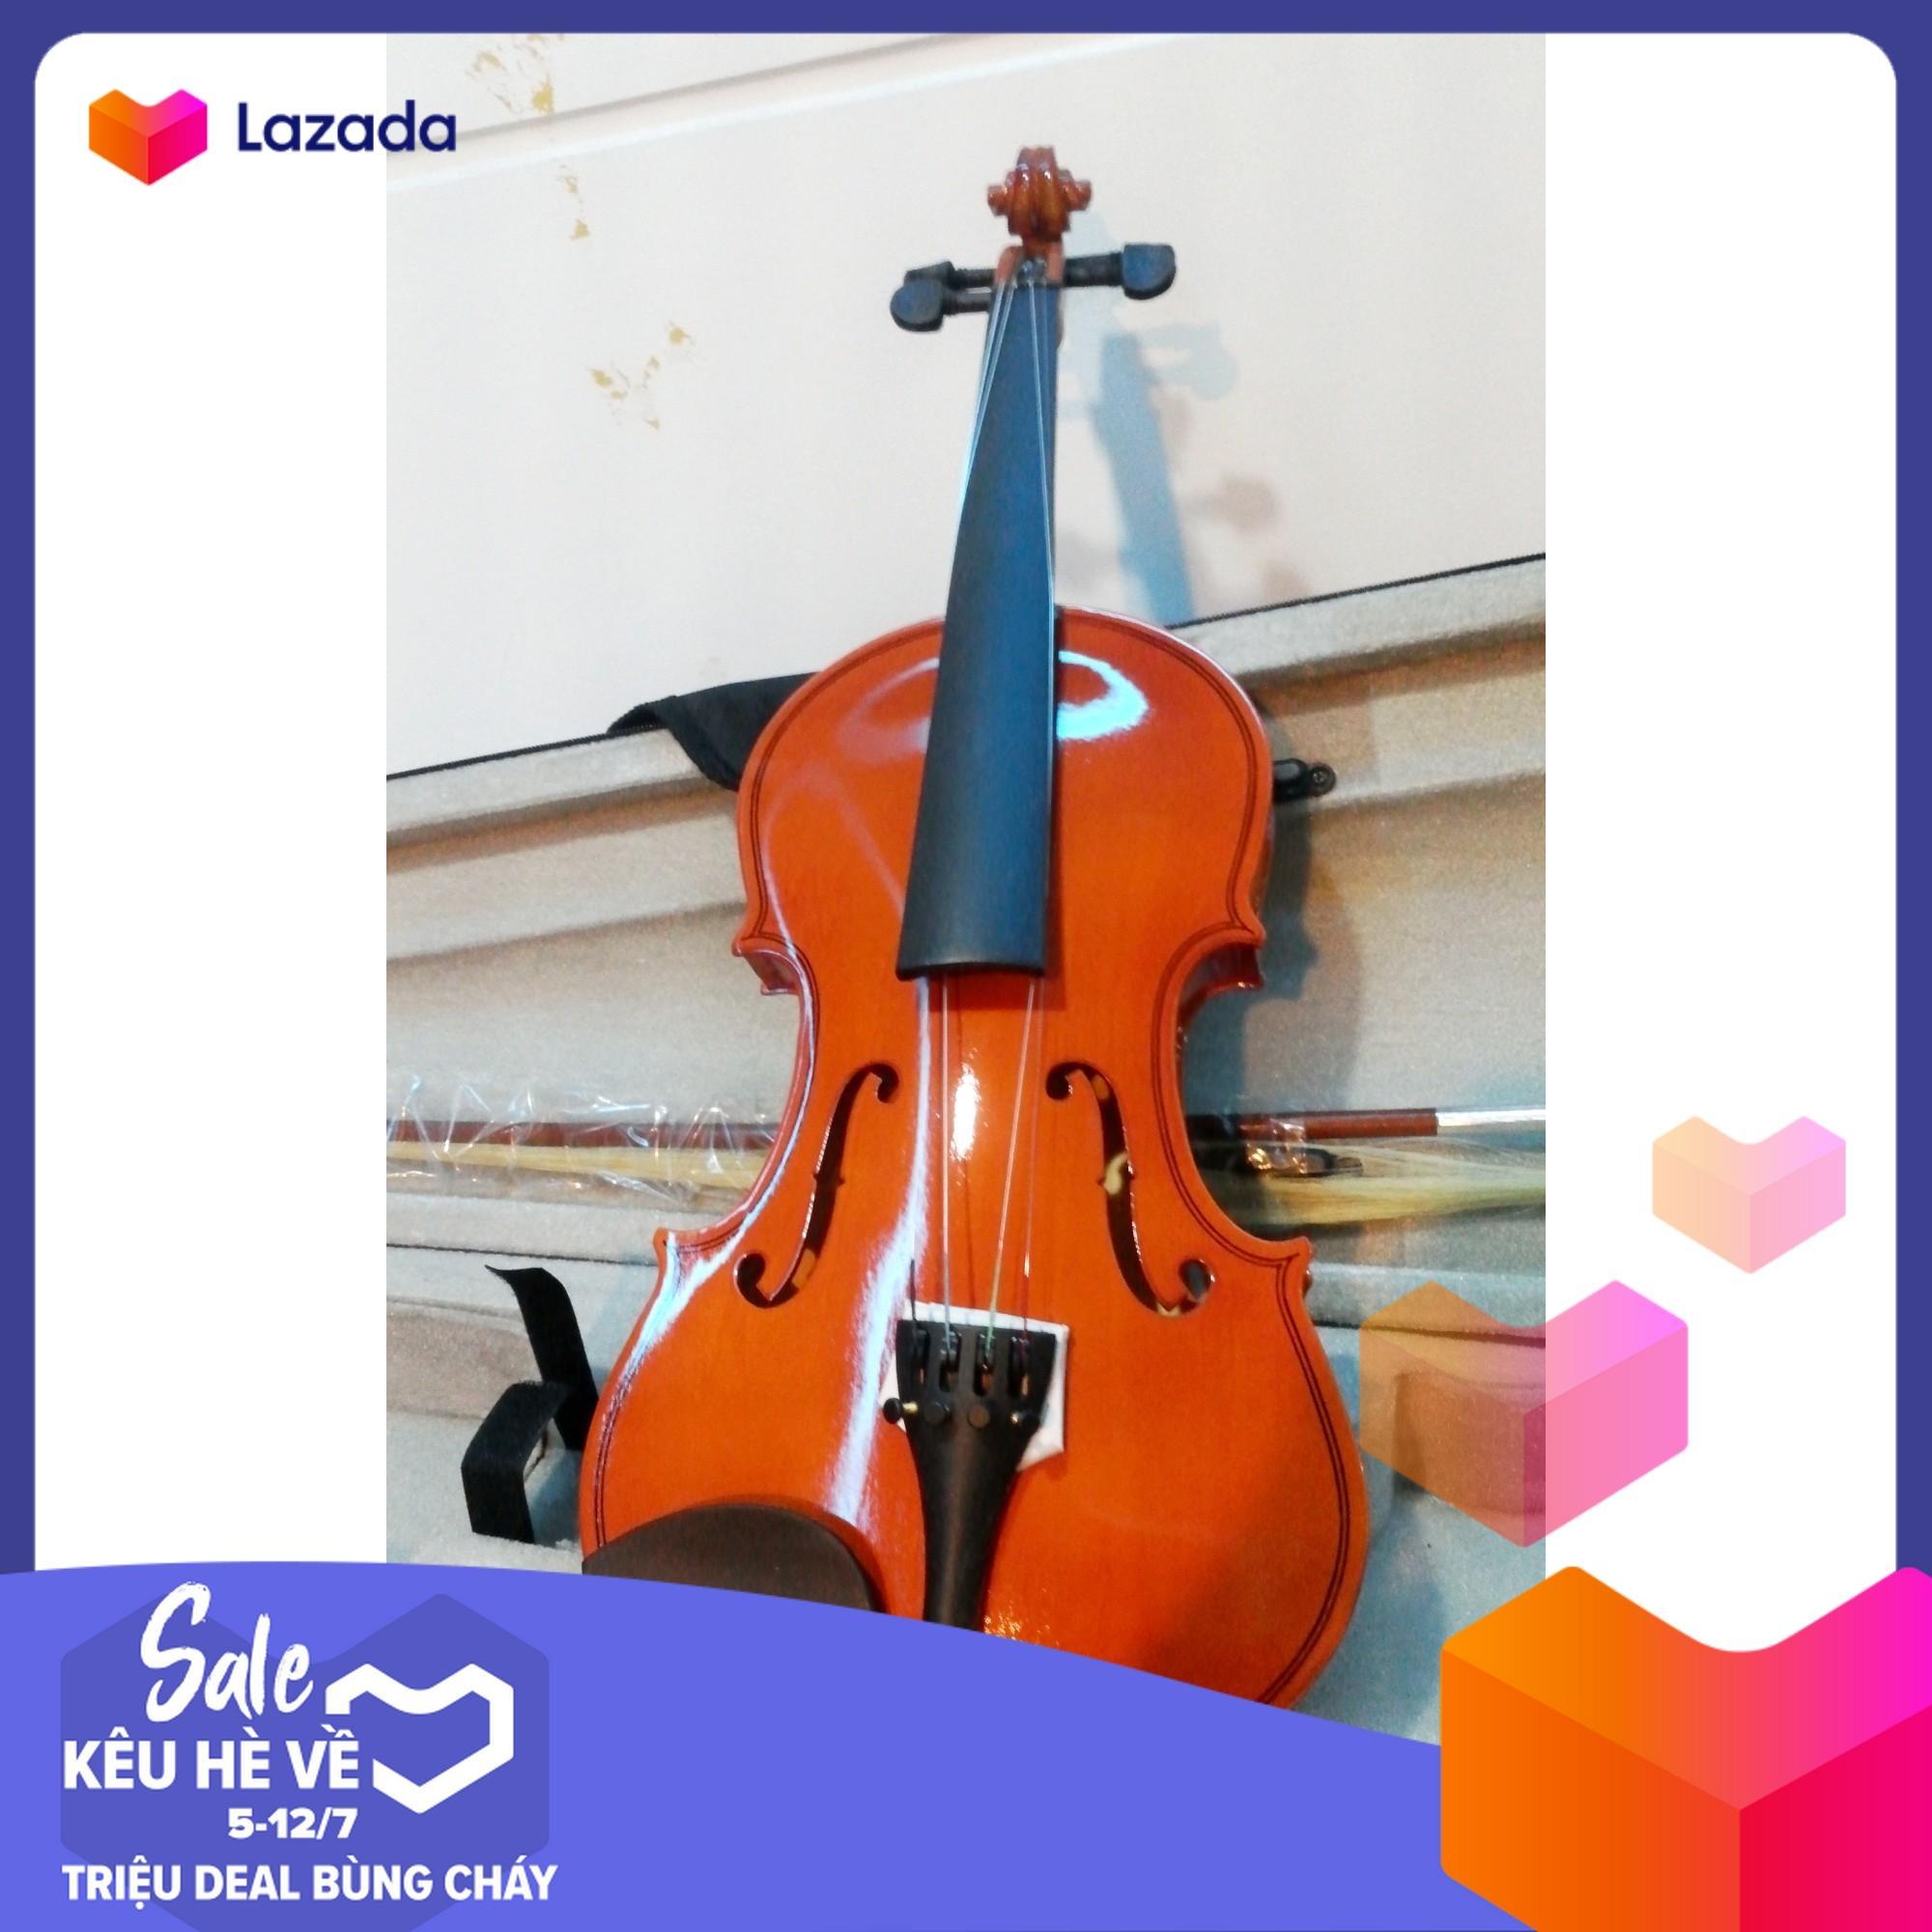 Mã Coupon [ Siêu Khuyến Mãi- Mua 1 Tặng 3]  Combo đàn Violin Gỗ TL-100 Tặng Kèm Vỉ Kéo , Sáp Rosin , Hộp đựng được Phân Phối Bởi Kênh Bán Đàn